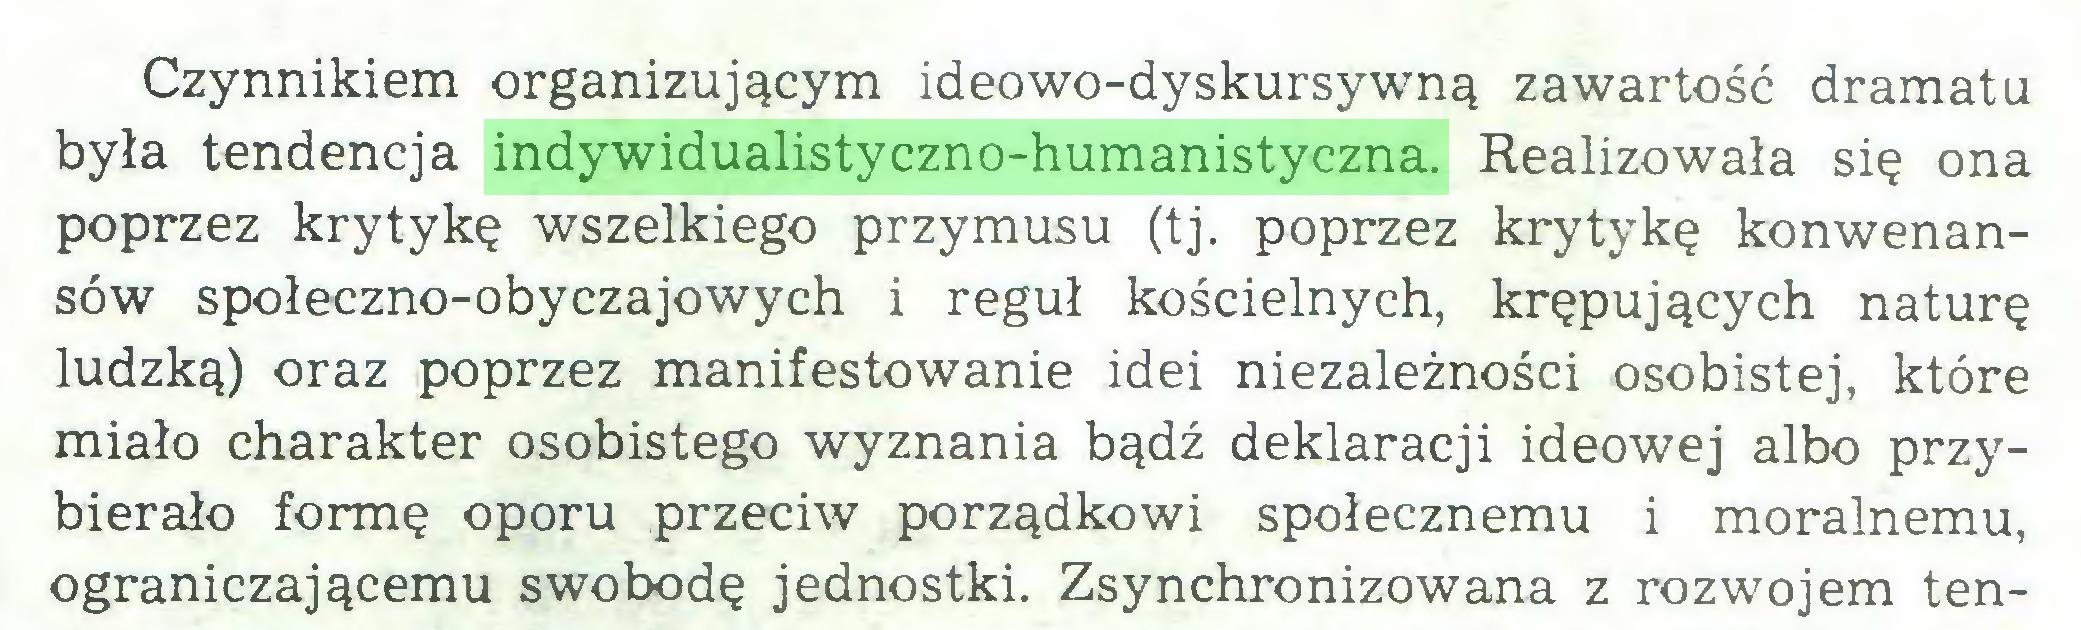 (...) Czynnikiem organizującym ideowo-dyskursywną zawartość dramatu była tendencja indywidualistyczno-humanistyczna. Realizowała się ona poprzez krytykę wszelkiego przymusu (tj. poprzez krytykę konwenansów społeczno-obyczajowych i reguł kościelnych, krępujących naturę ludzką) oraz poprzez manifestowanie idei niezależności osobistej, które miało charakter osobistego wyznania bądź deklaracji ideowej albo przybierało formę oporu przeciw porządkowi społecznemu i moralnemu, ograniczającemu swobodę jednostki. Zsynchronizowana z rozwojem ten...